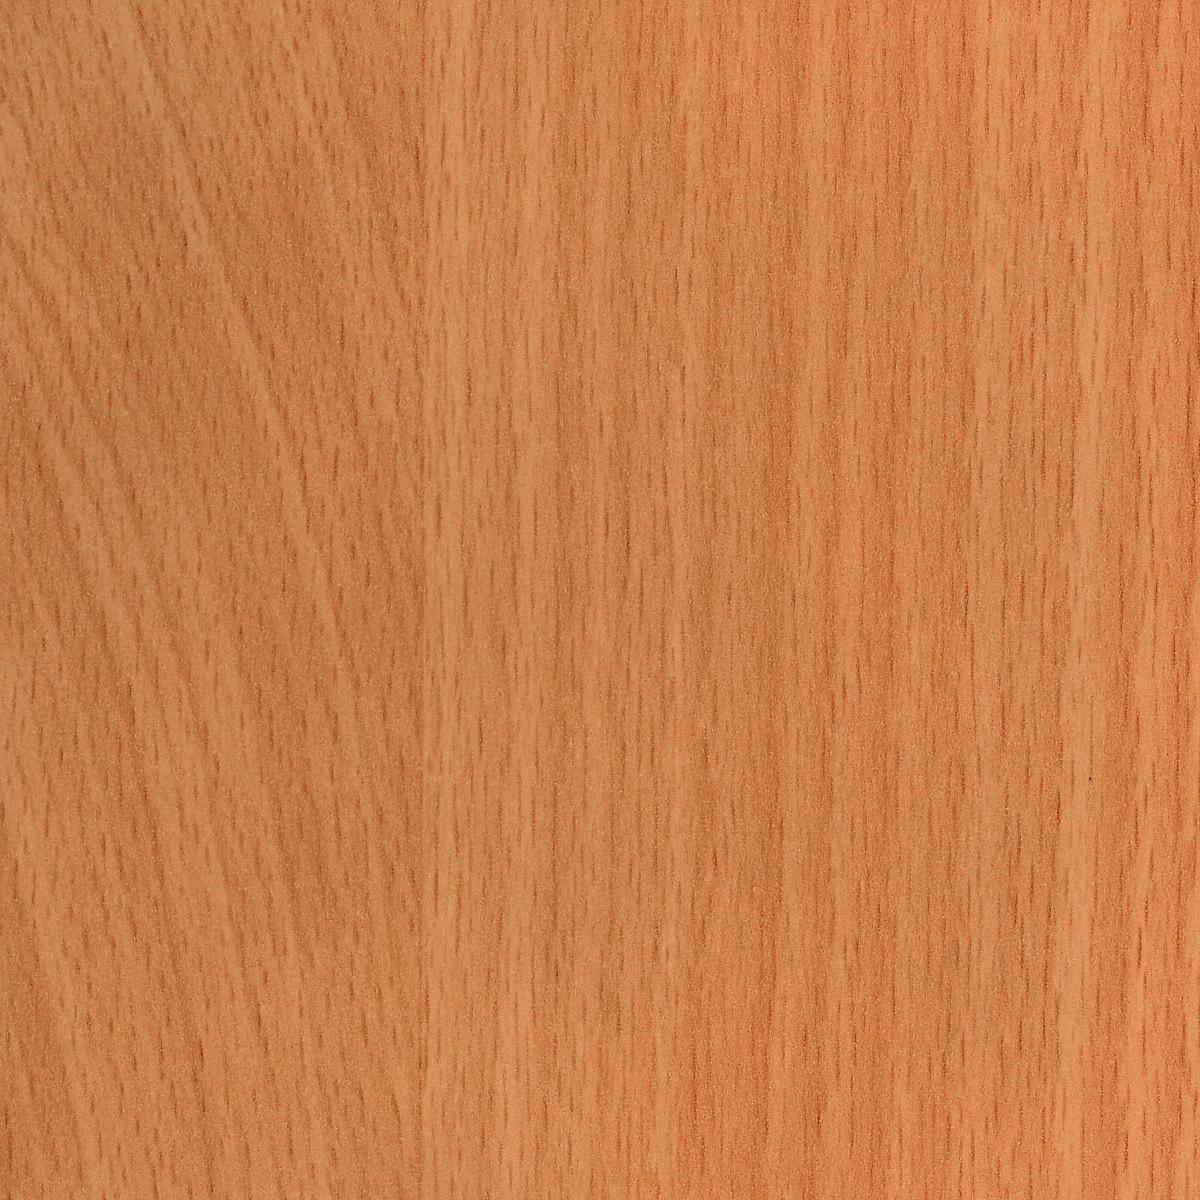 b ro schreibtisch stehtisch h henverstellbar 120x80 cm modell xk12 ebay. Black Bedroom Furniture Sets. Home Design Ideas